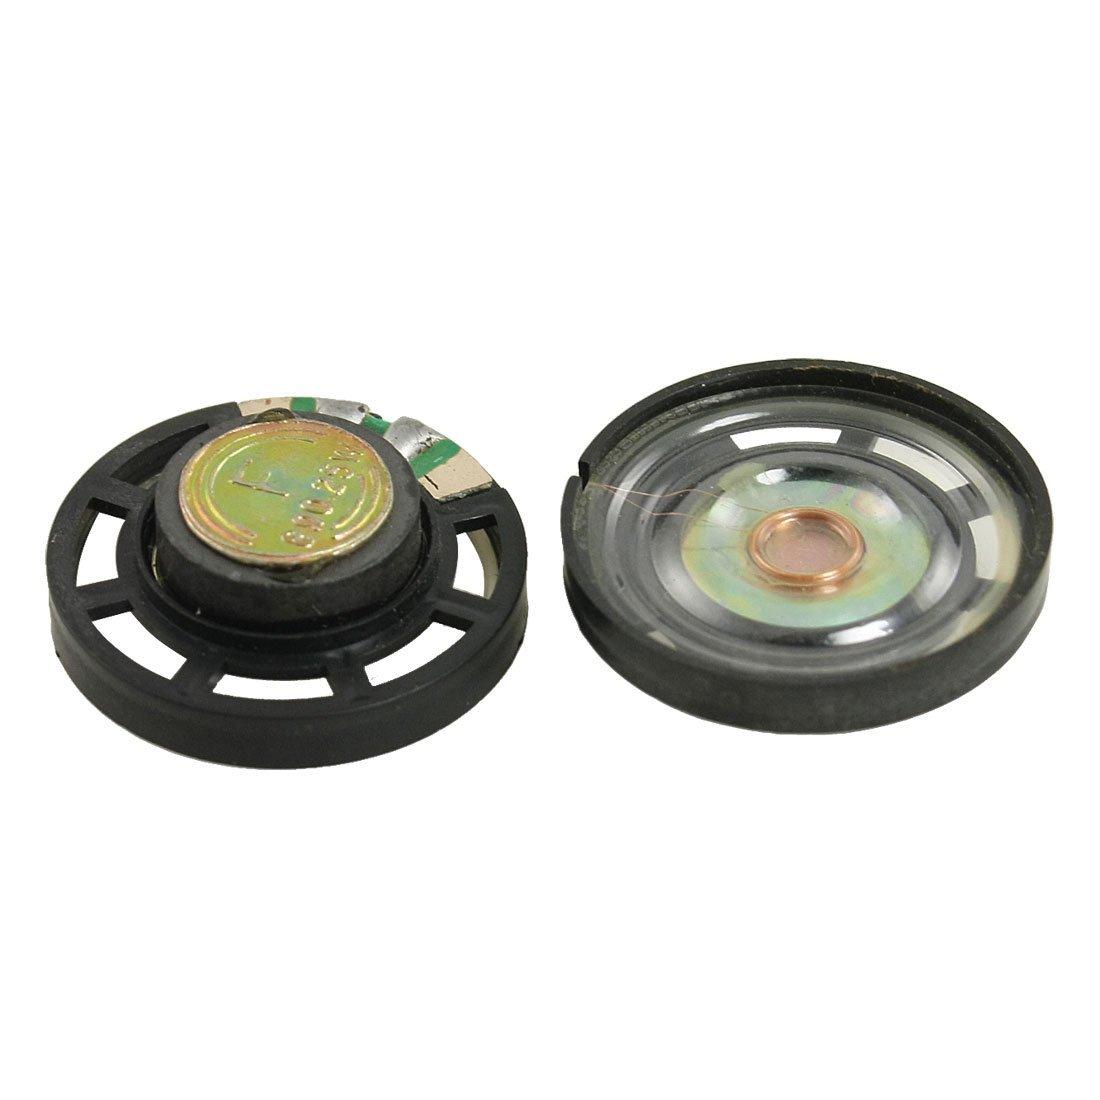 Altavoz 1.1 Altavoz de cascara de plastico delgado redondo de tipo magnetico externo 8 Ohm 0.25W 2 pzs R TOOGOO